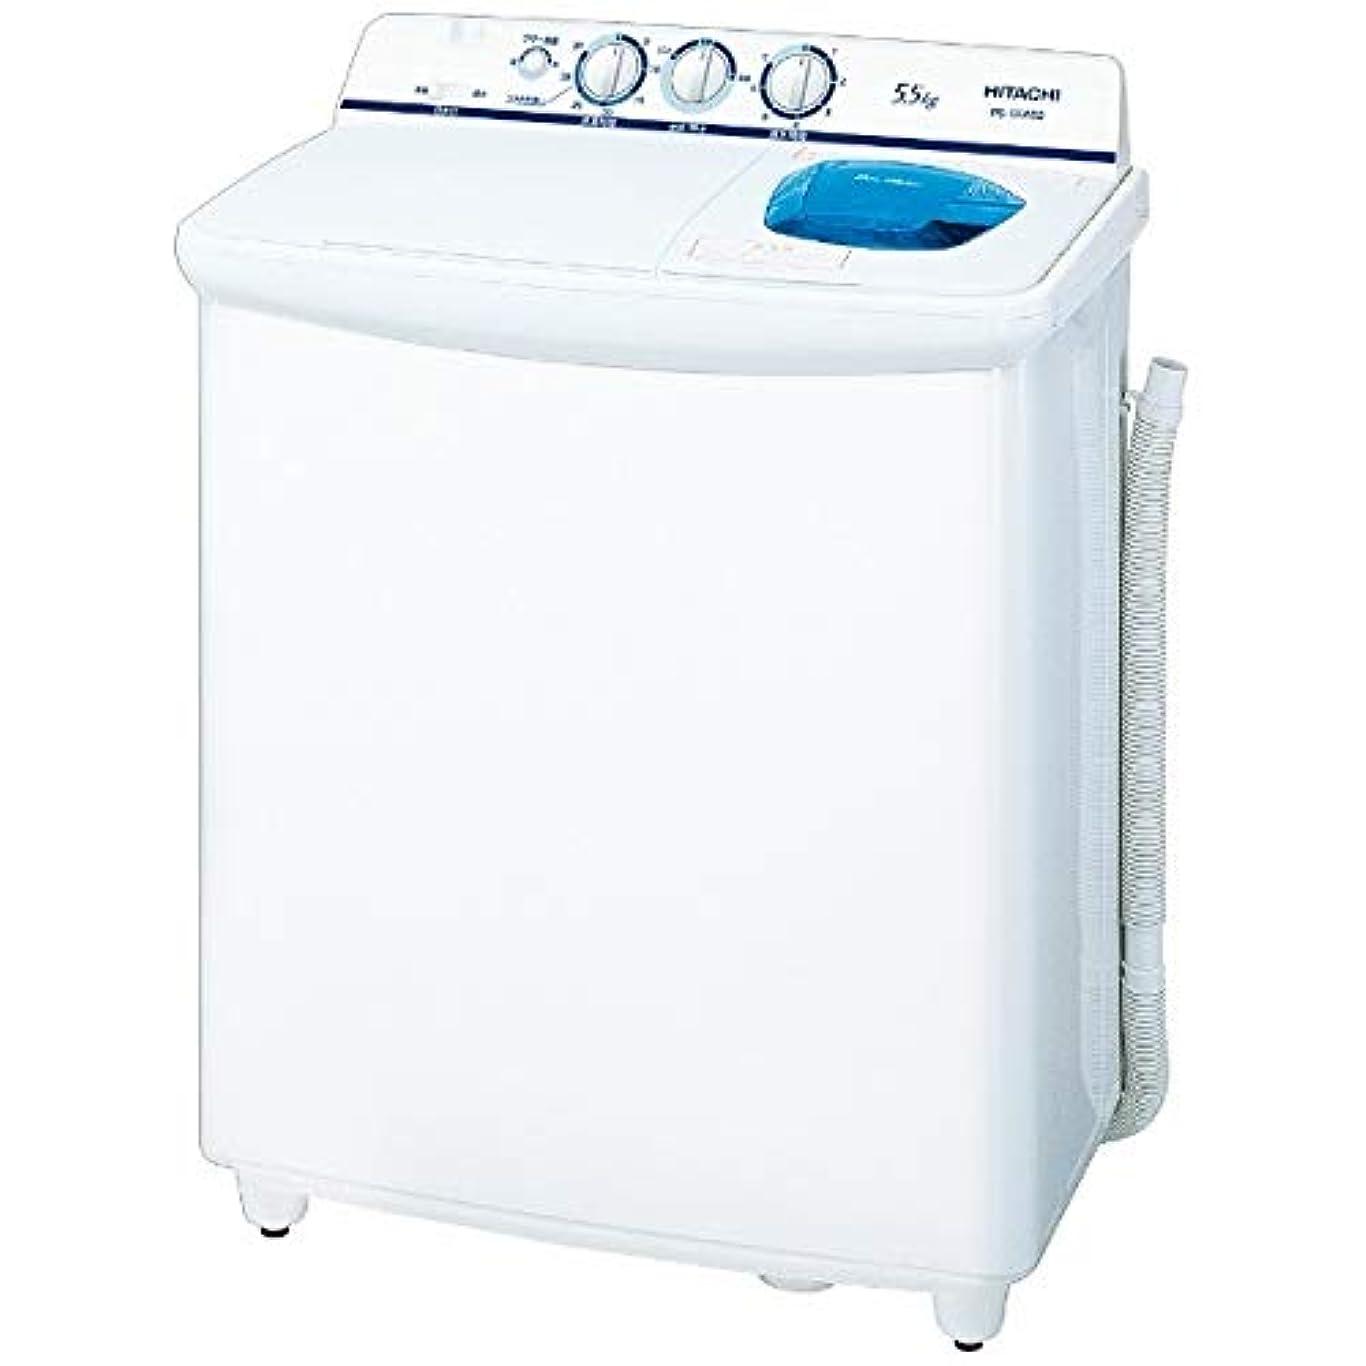 日立 5.5kg 2槽式洗濯機 ホワイトHITACHI 青空 PS-55AS2-W